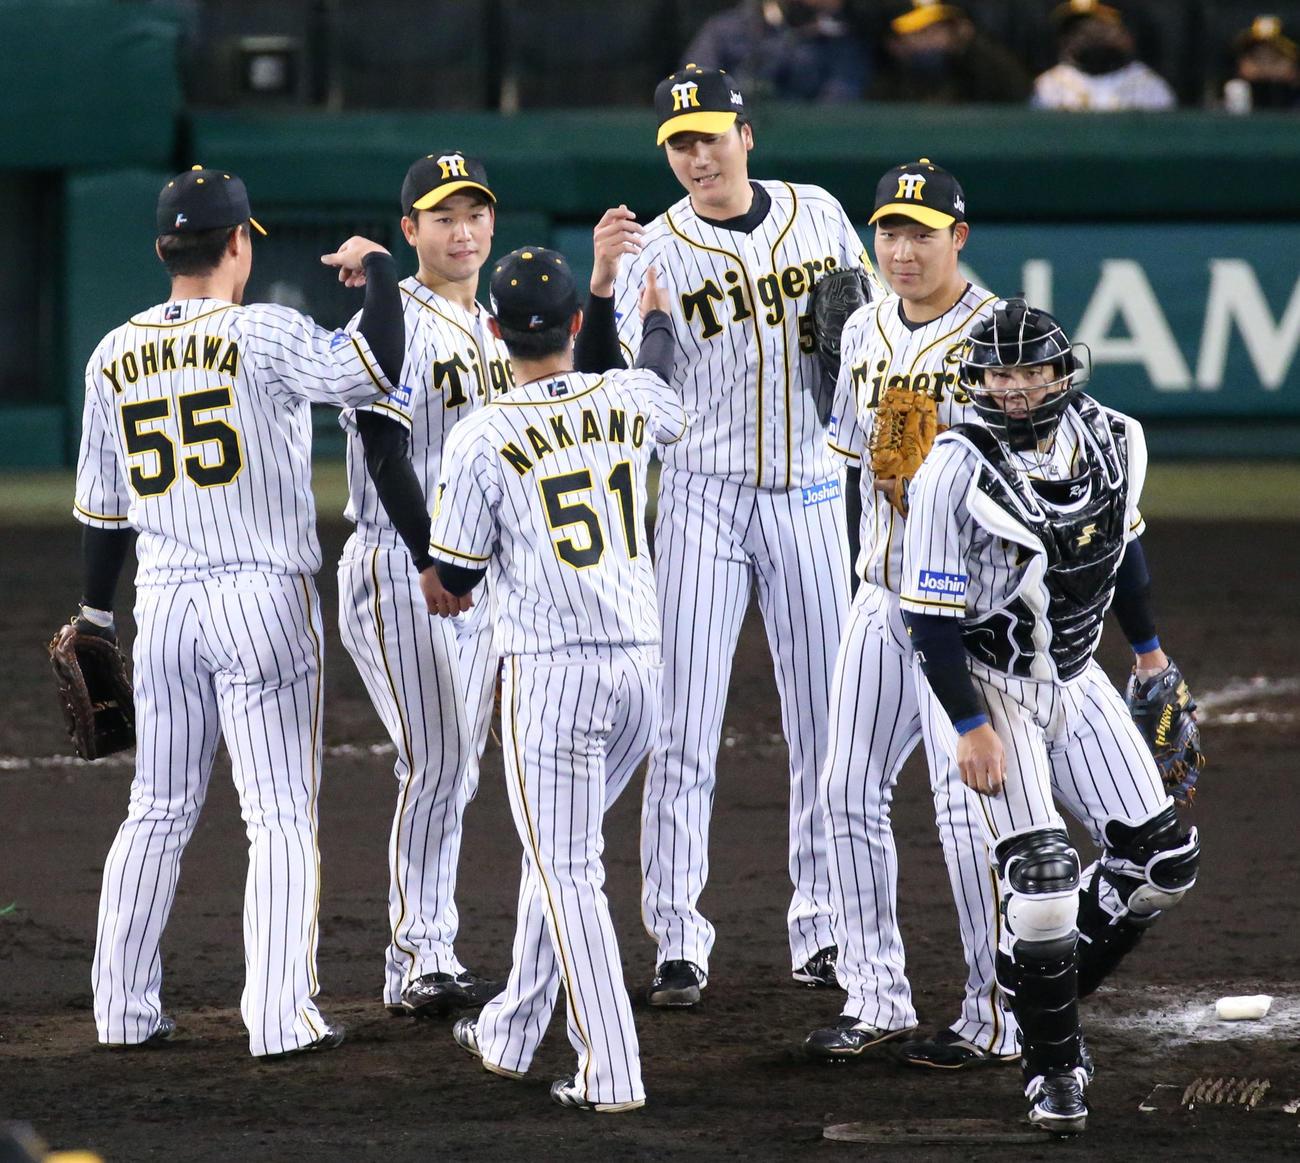 阪神対広島 試合を締めた小林(右から3人目)はナインとタッチを交わす(撮影・上山淳一)